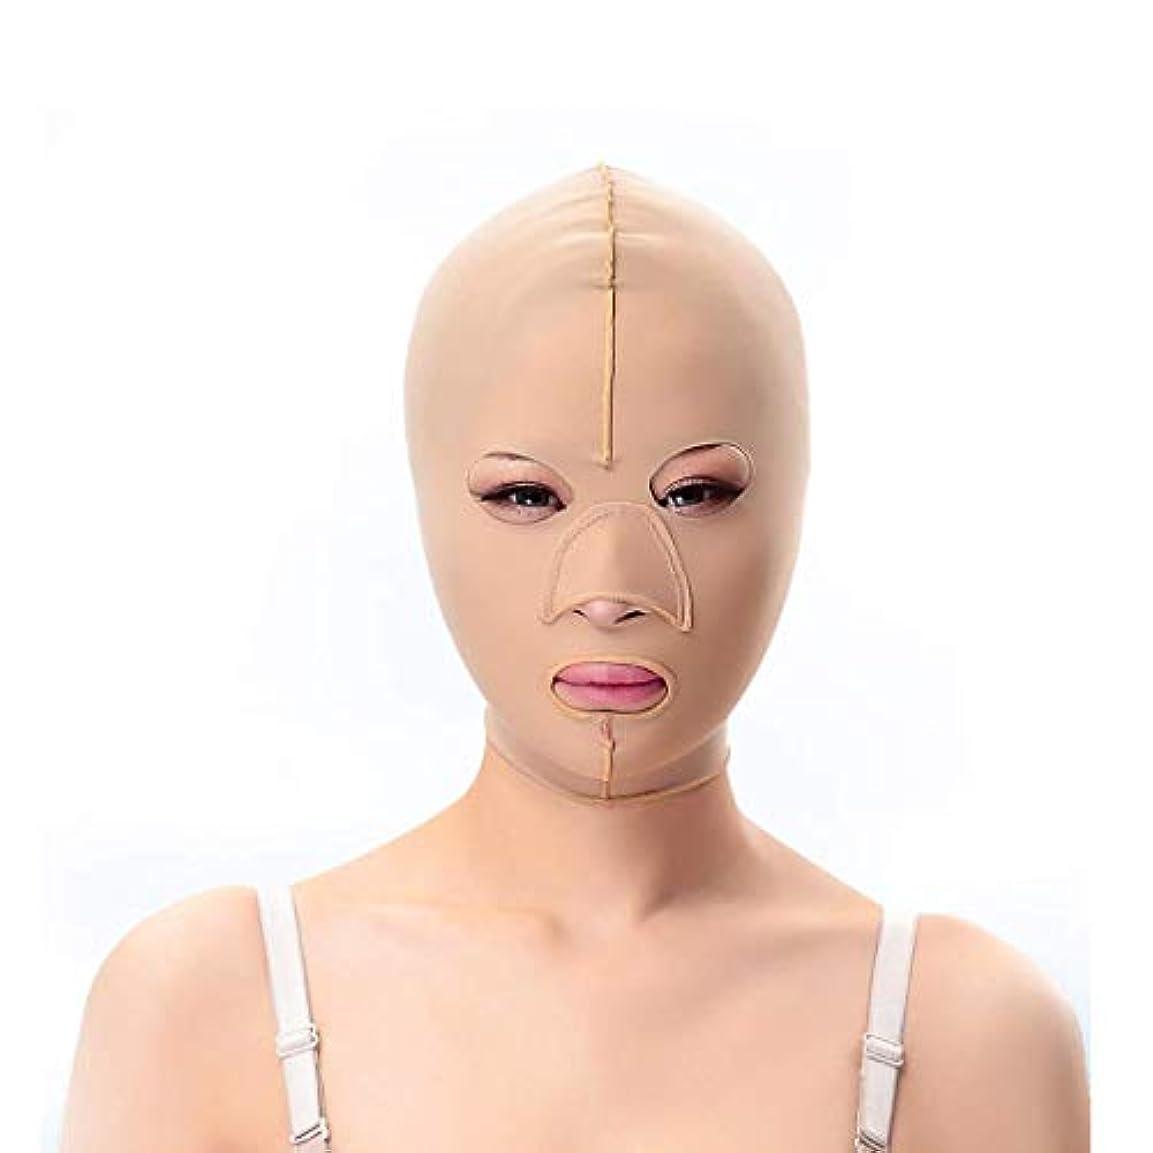 巻き取り雑種定数スリミングベルト、フェイシャルマスク薄いフェイスマスク布布パターンリフティングダブルあご引き締めフェイシャルプラスチック顔アーティファクト強力な顔包帯(サイズ:M)